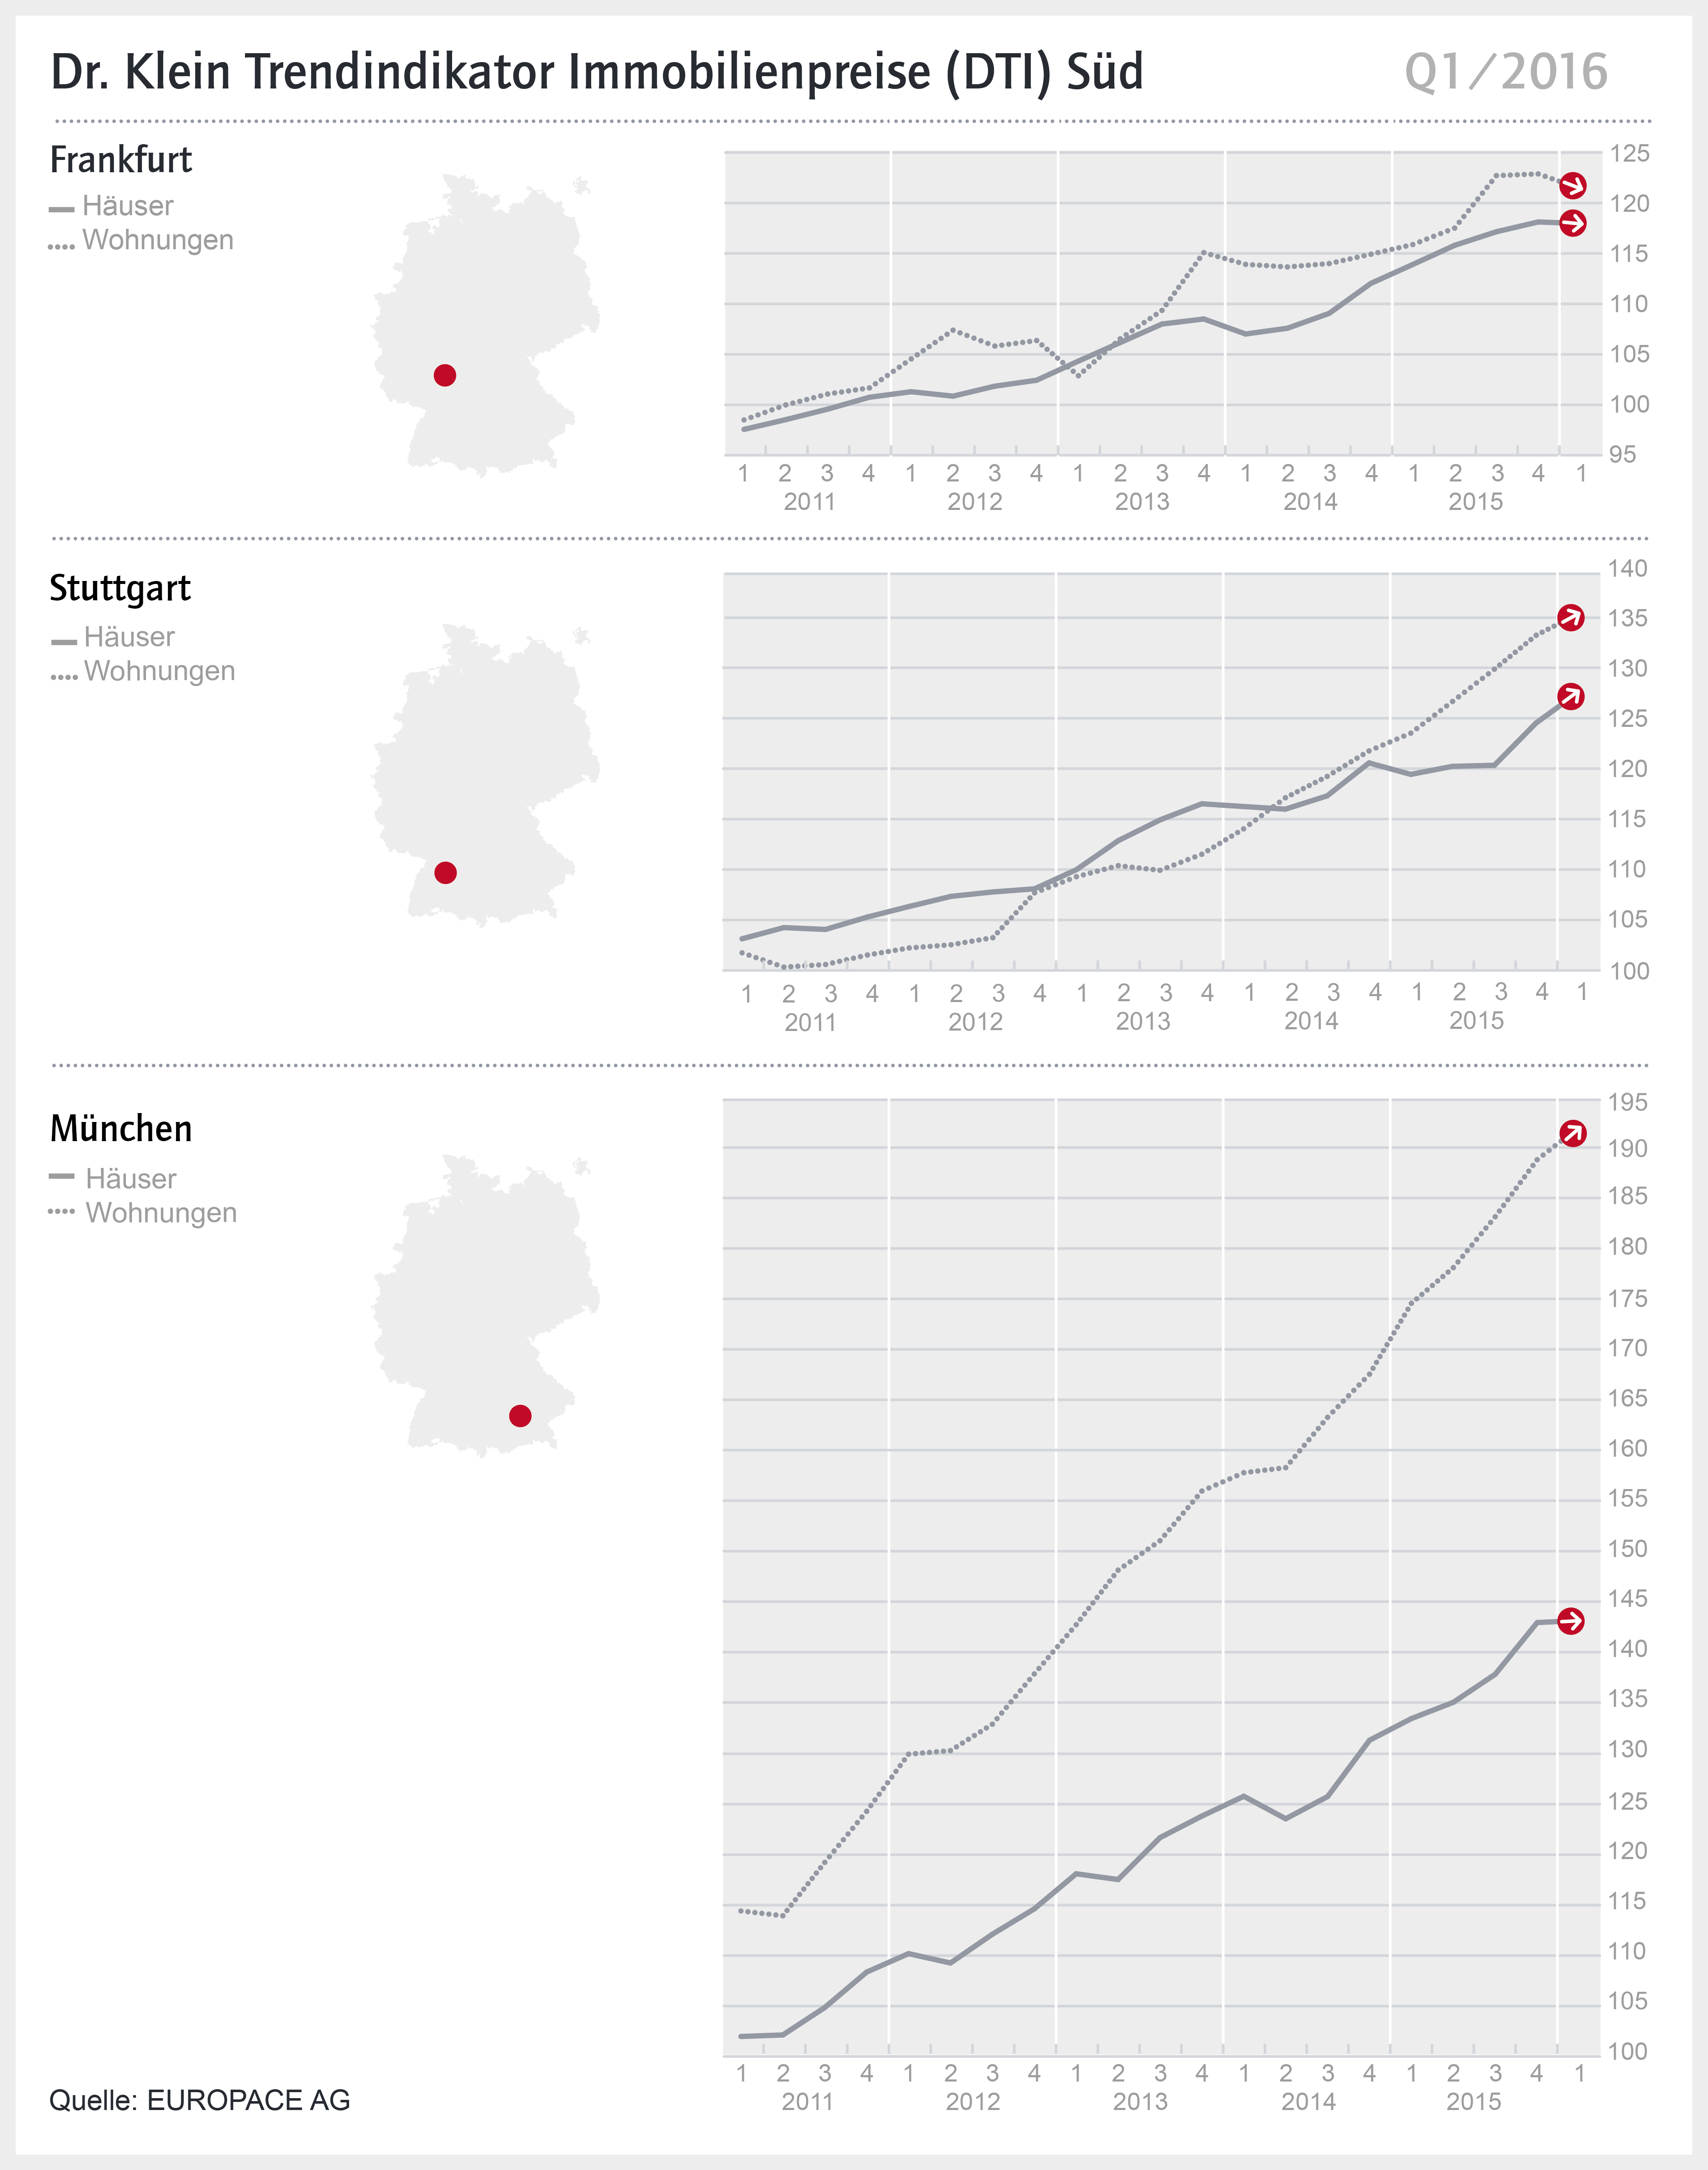 Dti Q1 Sued 2016 Cs6 in DTI Süd: Stuttgarter Immobilienpreise wachsen weiter